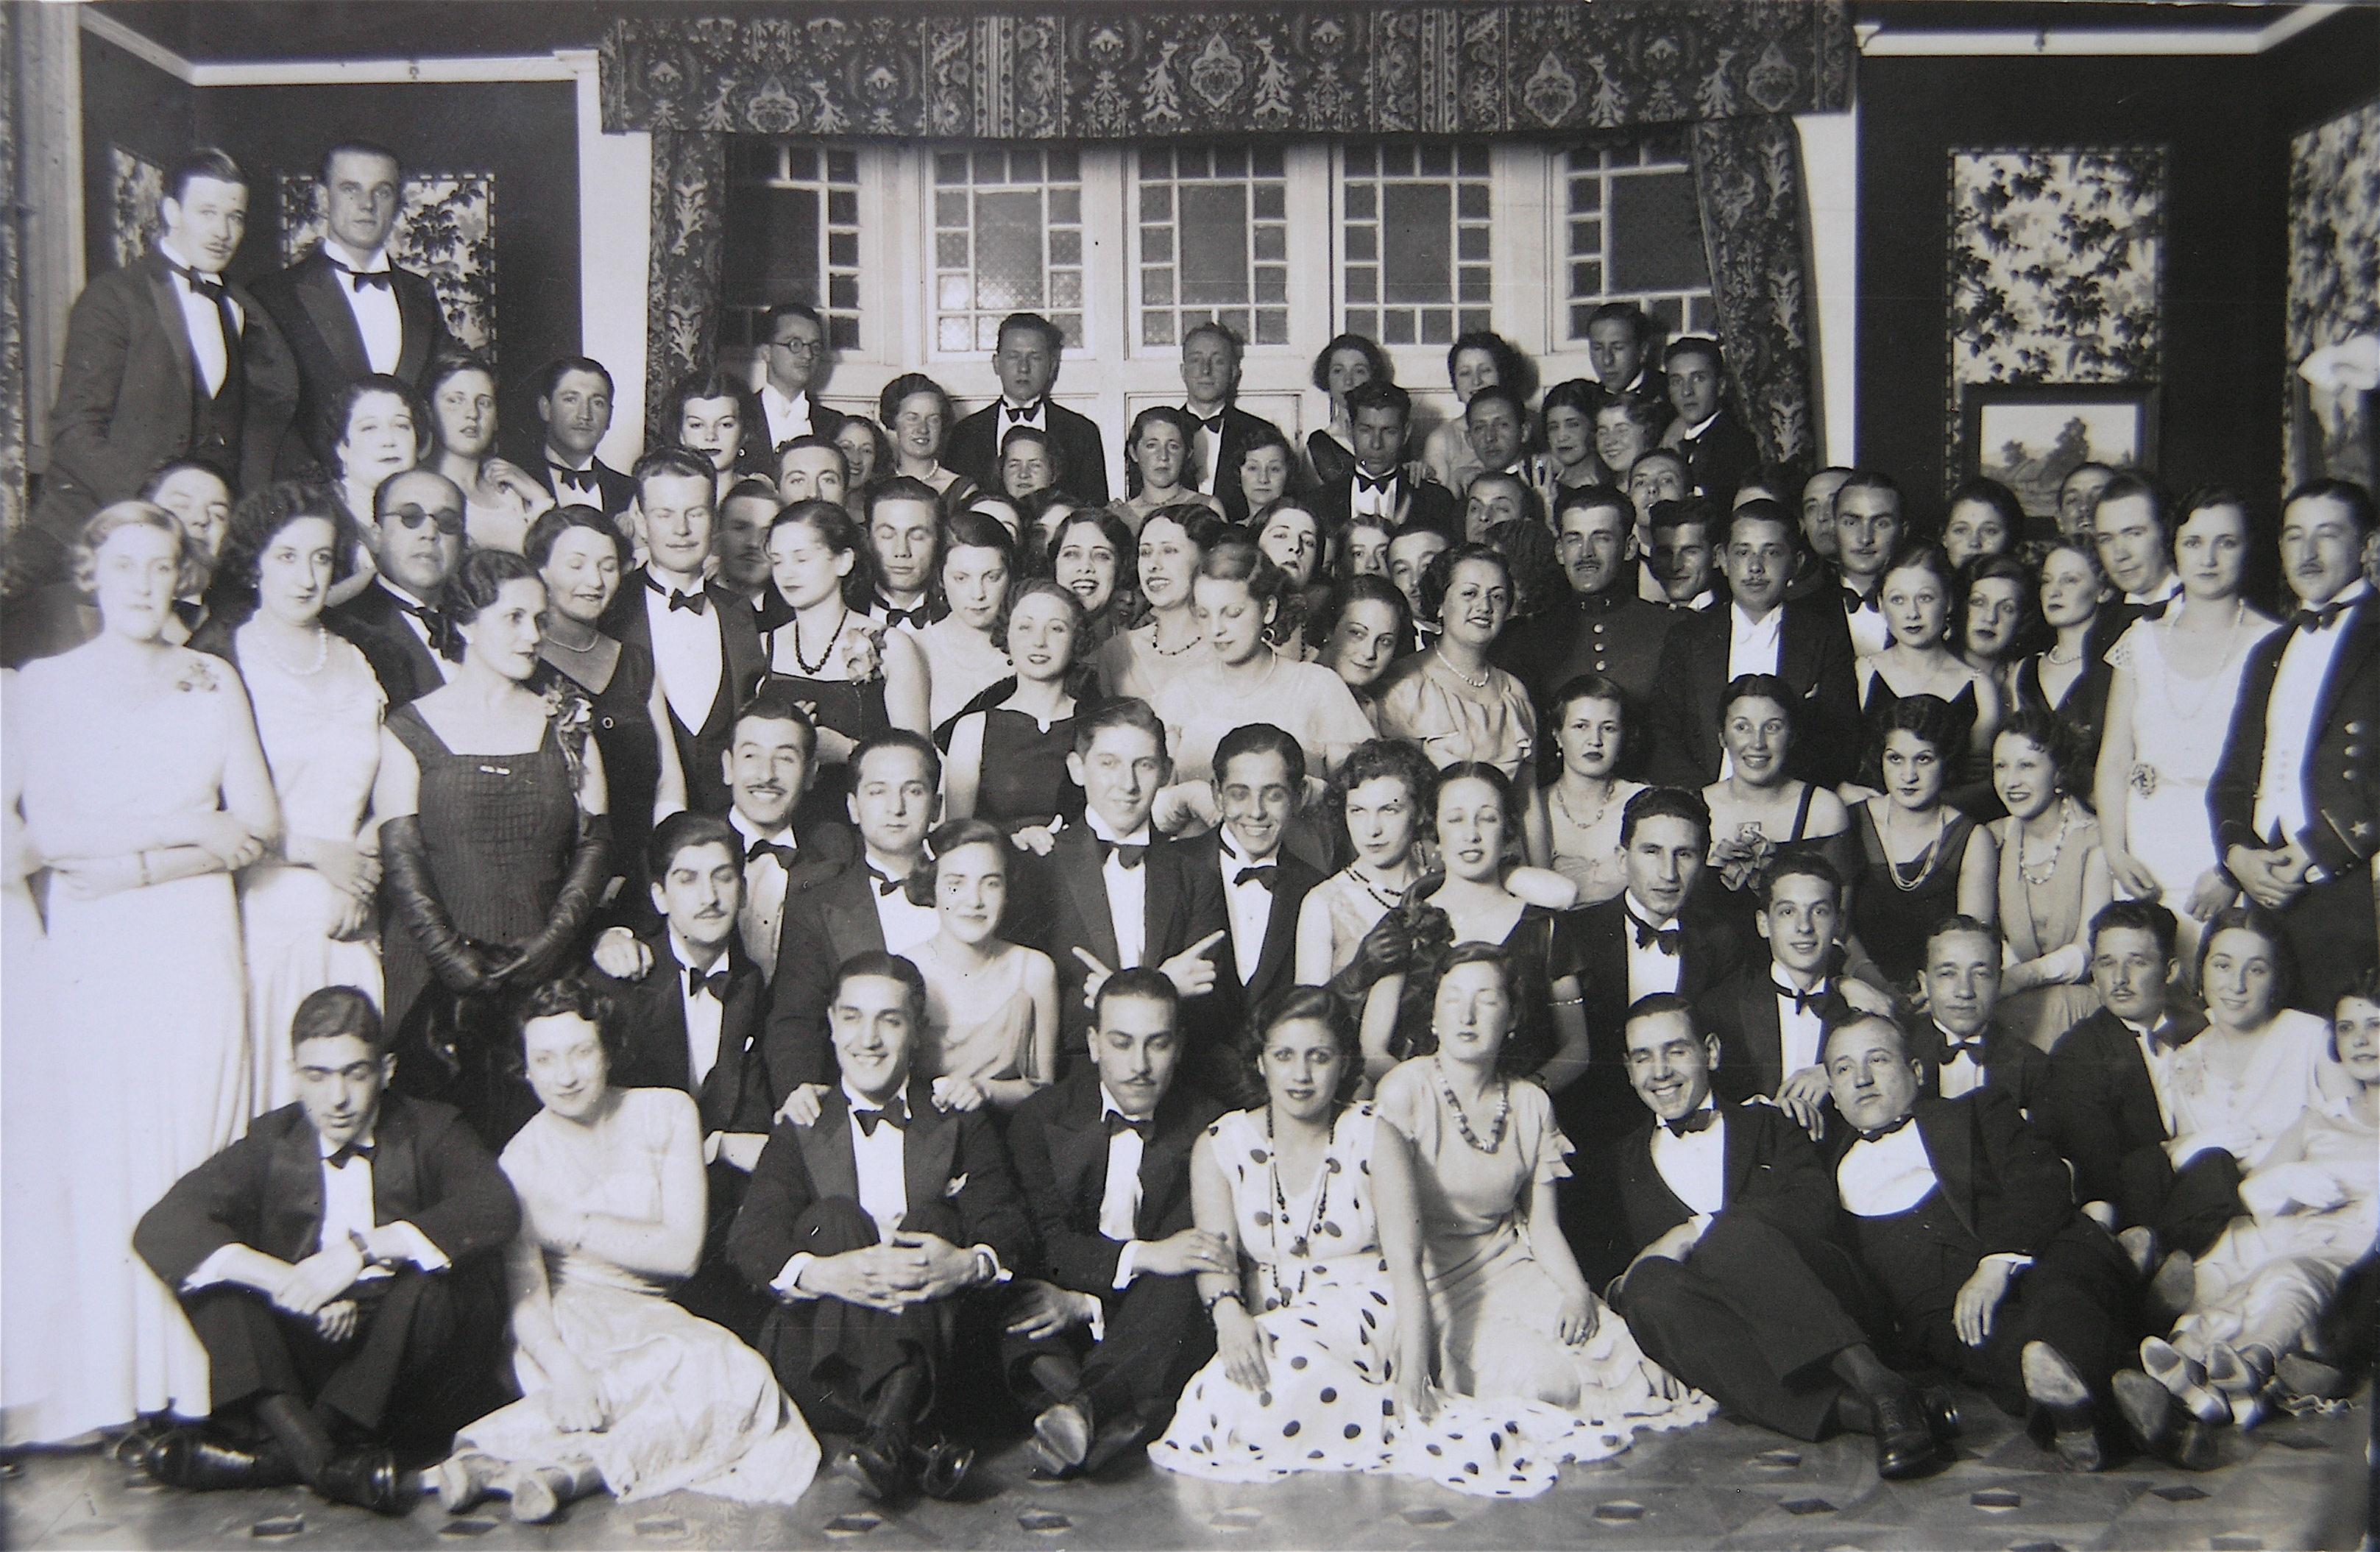 Enterreno - Fotos históricas de chile - fotos antiguas de Chile - Fiesta en el Club Alemán de Valparaíso, 1936